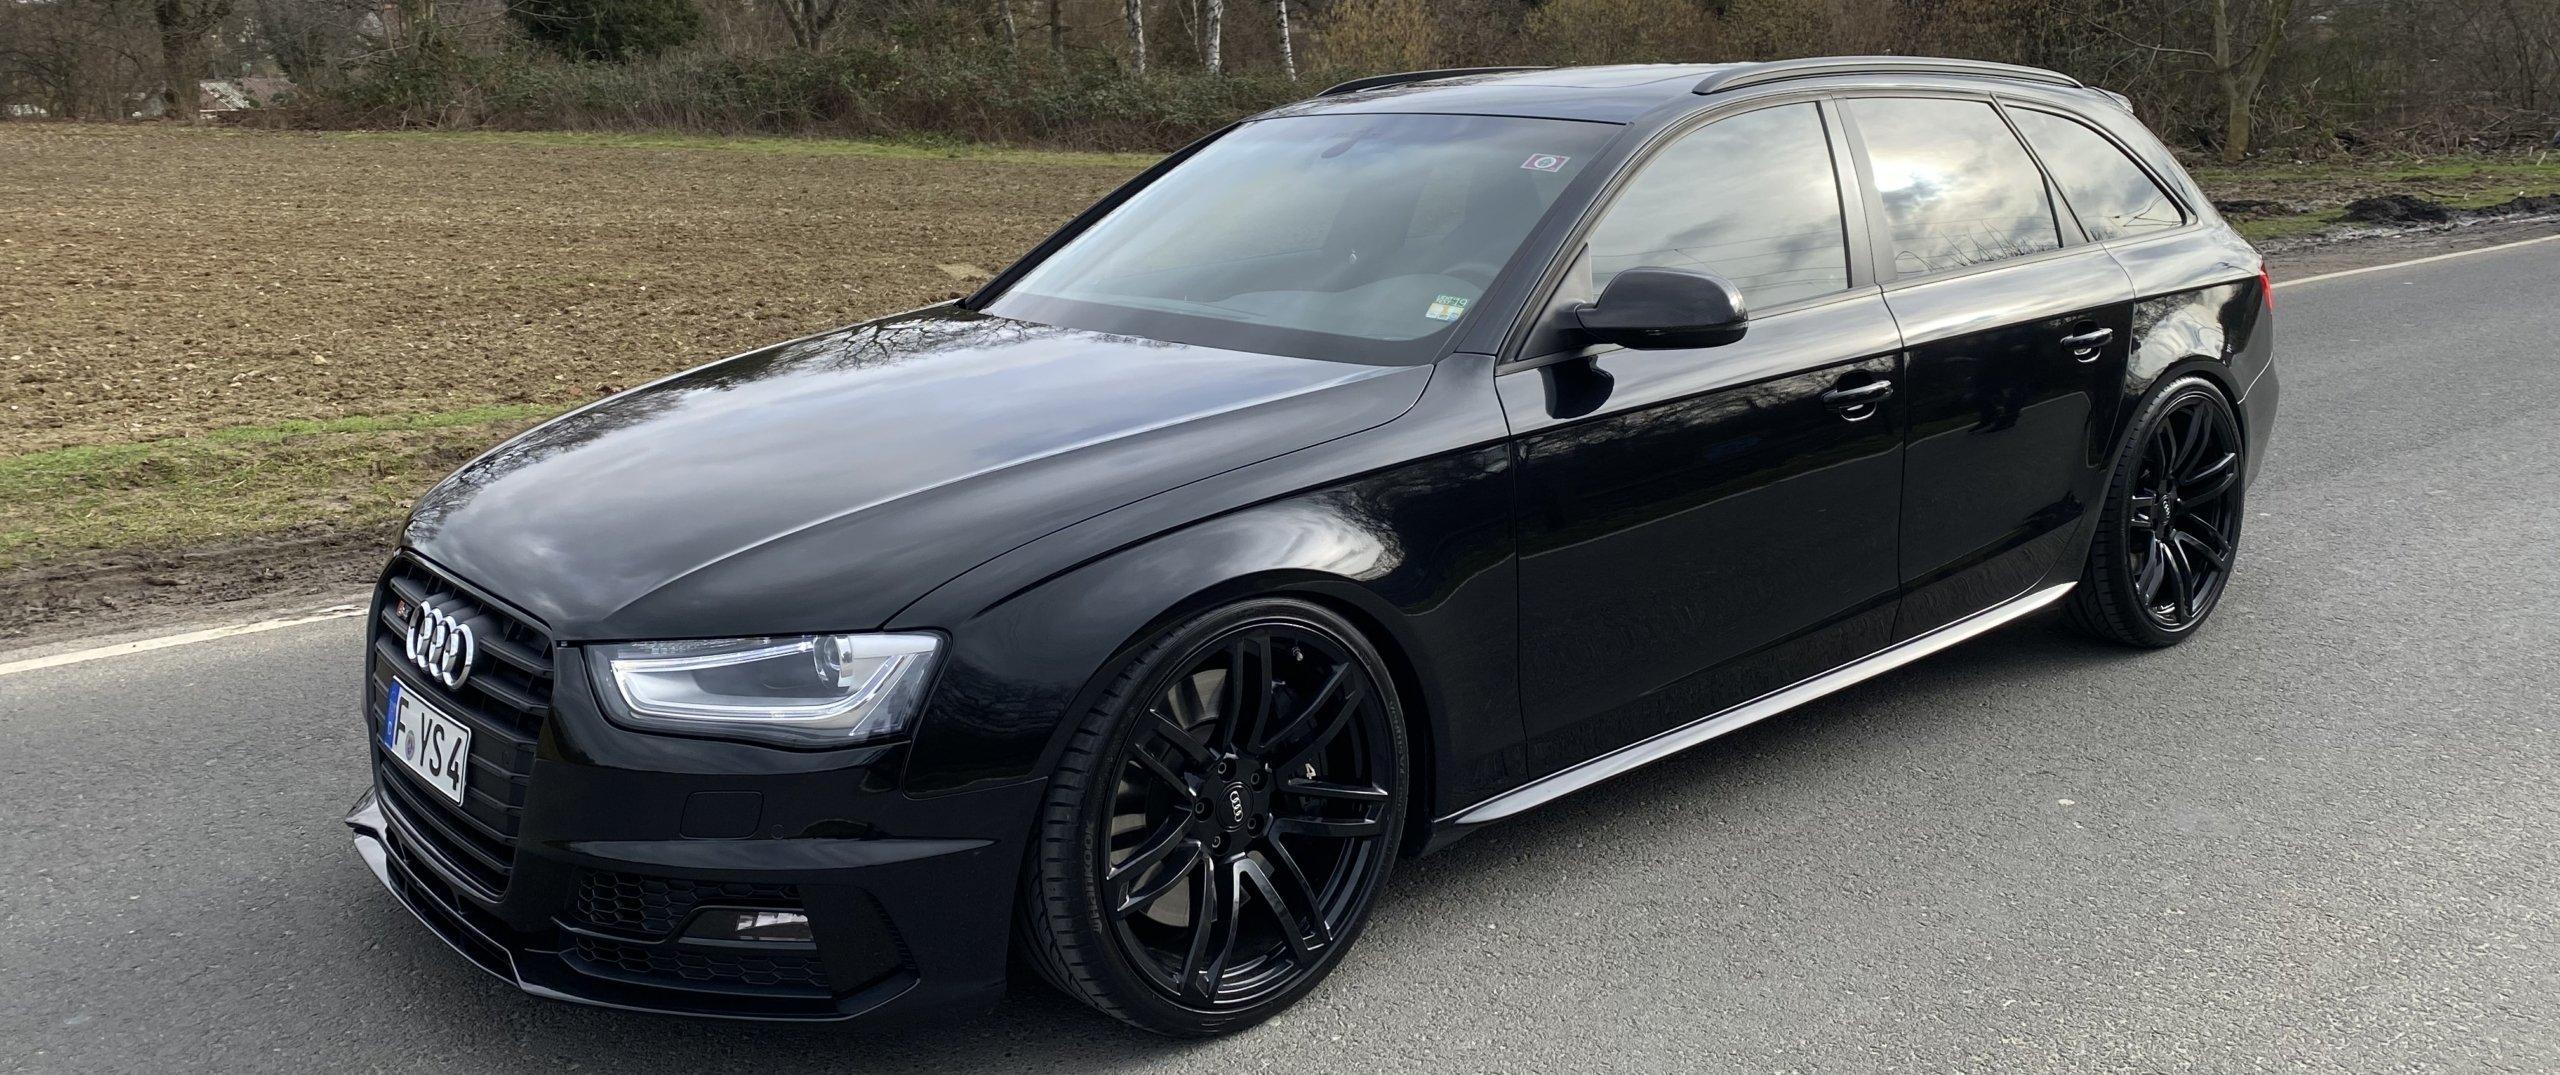 Auto felgenfarbe schwarzes welche Schwarzes Auto,